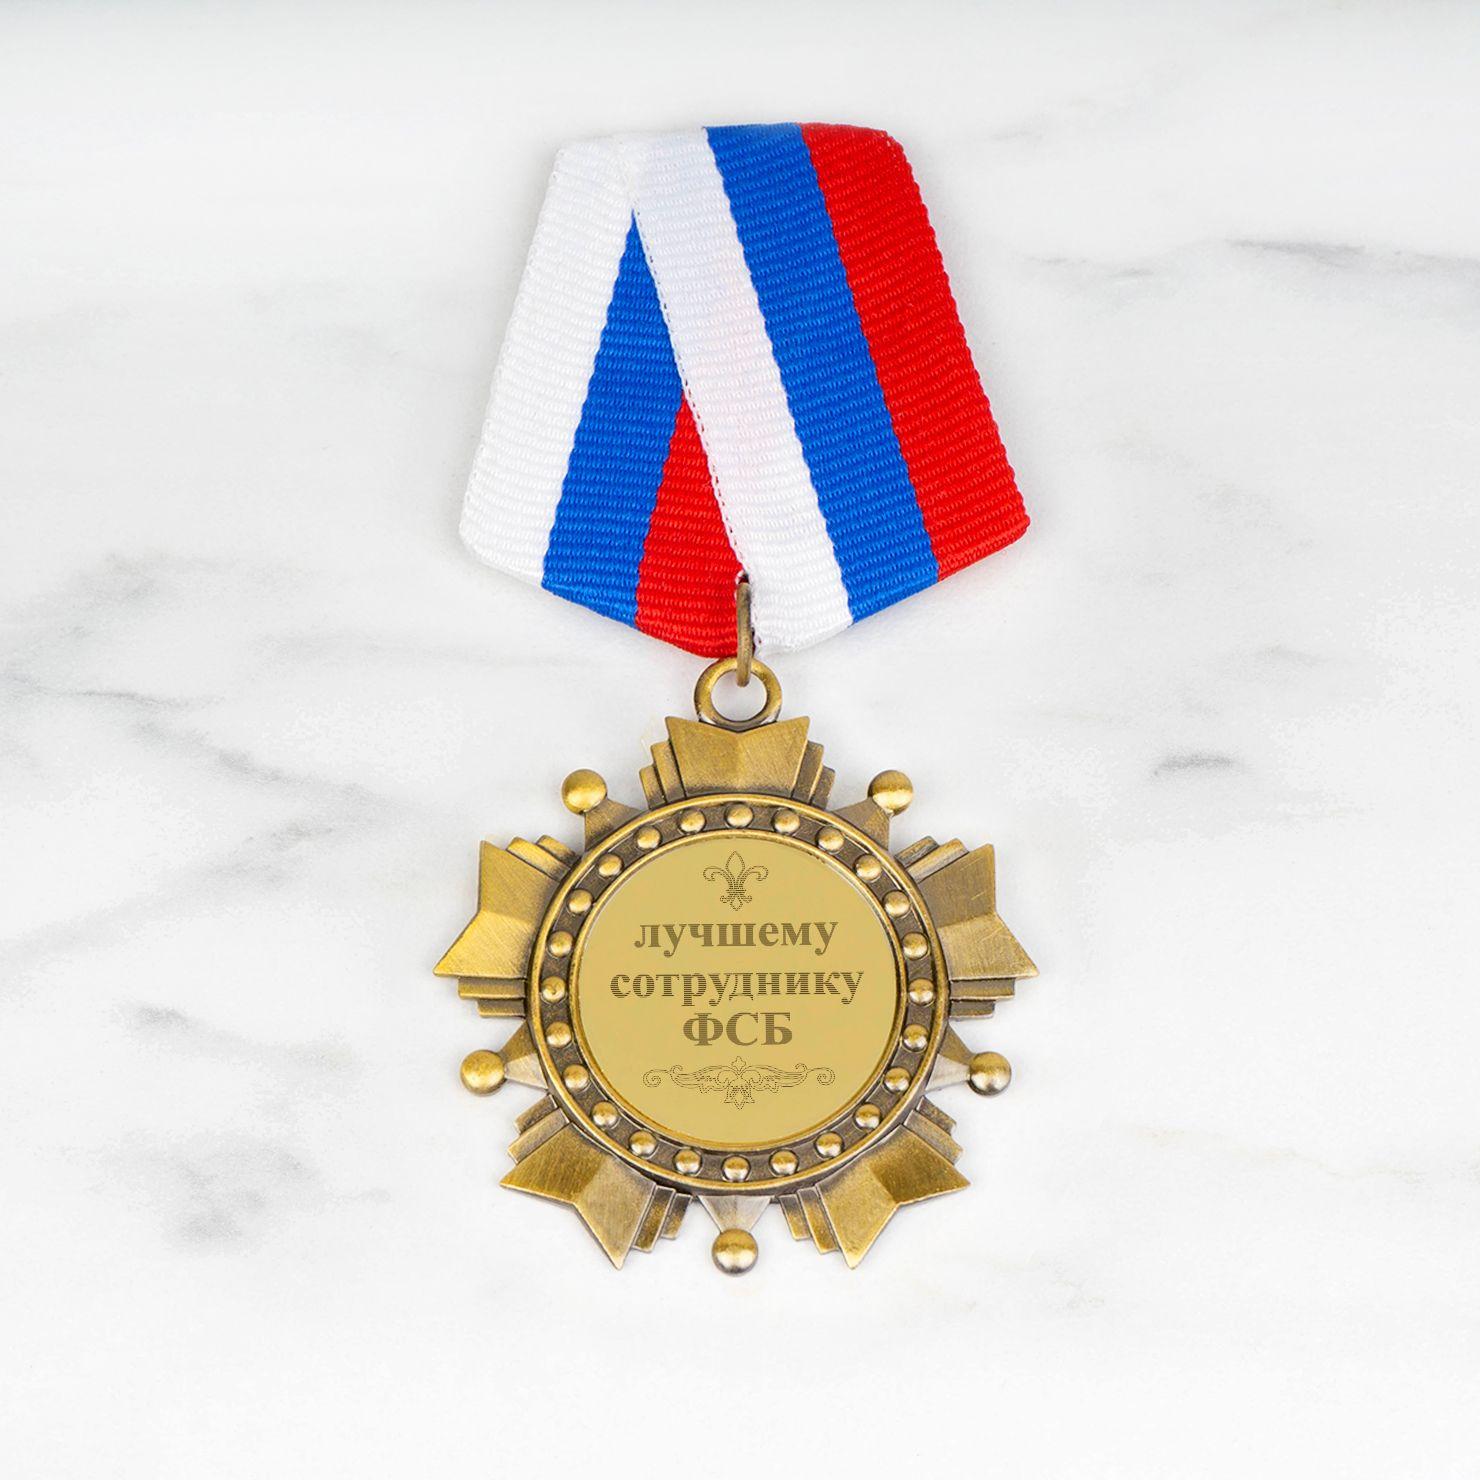 Орден *Лучшему сотруднику ФСБ*